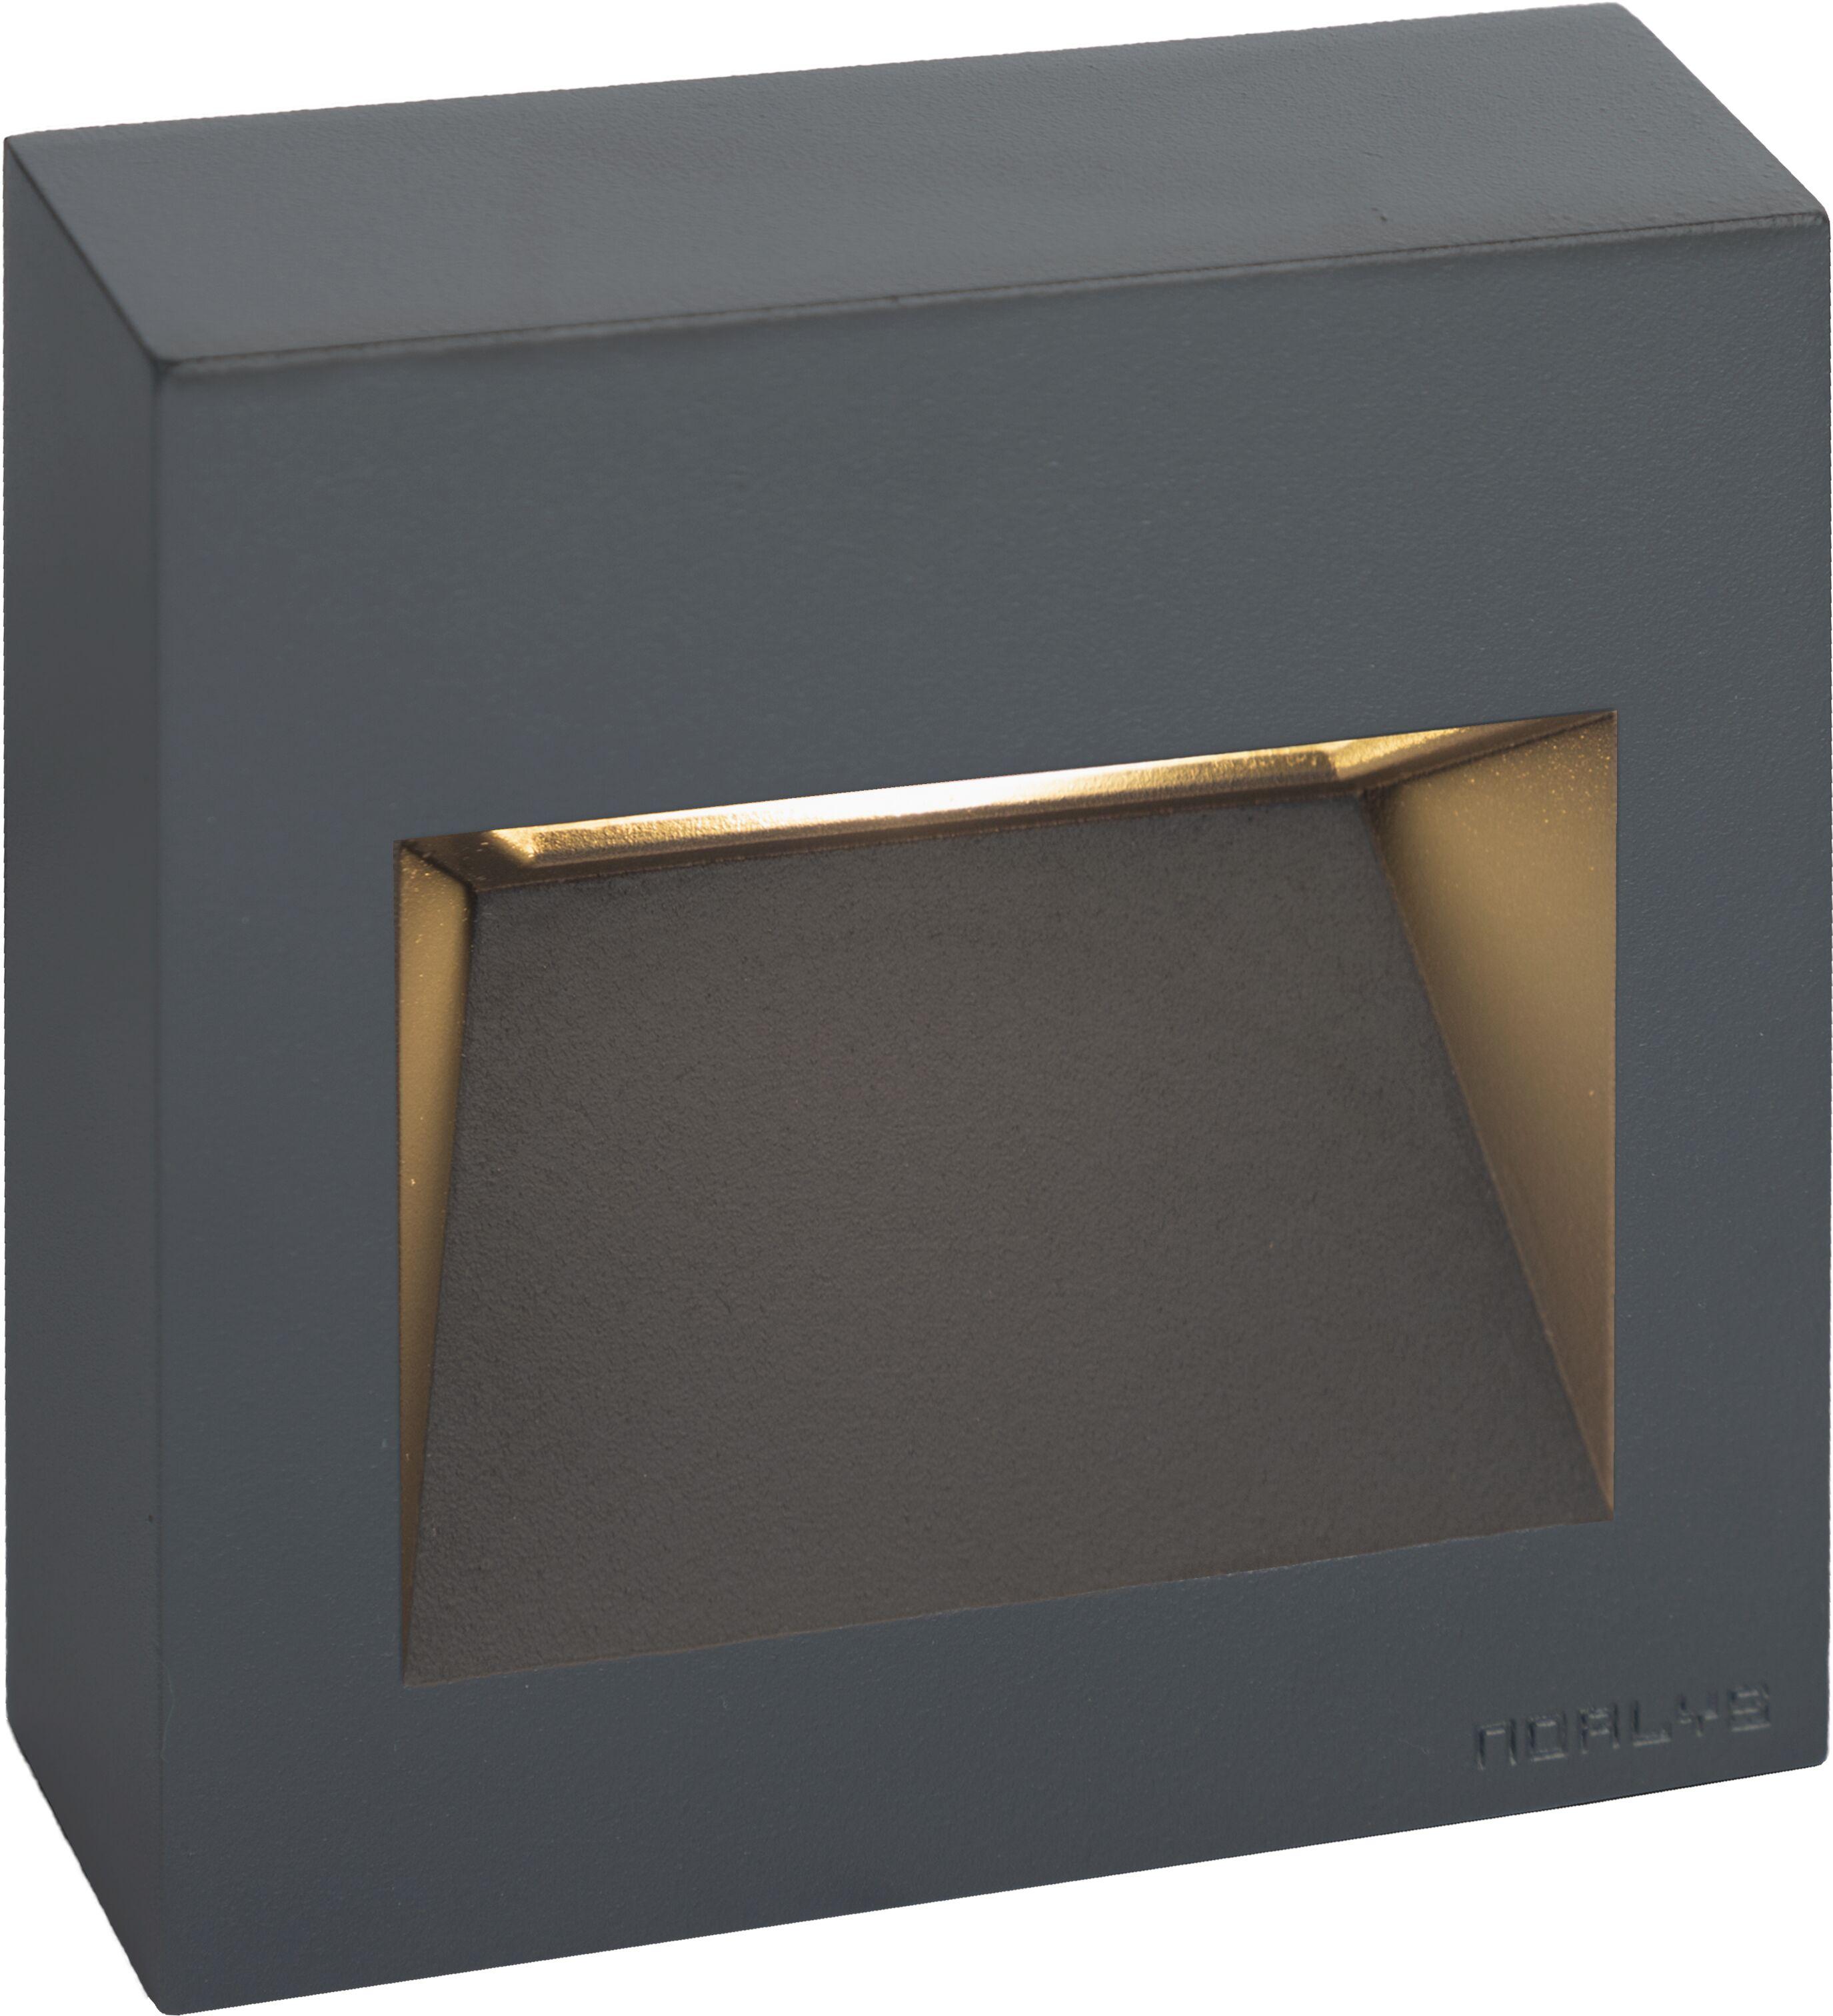 Oprawa schodowa NAMSOS MINI WALL 1341 GRAPHITE - Norlys  Sprawdź kupony i rabaty w koszyku  Zamów tel  533-810-034